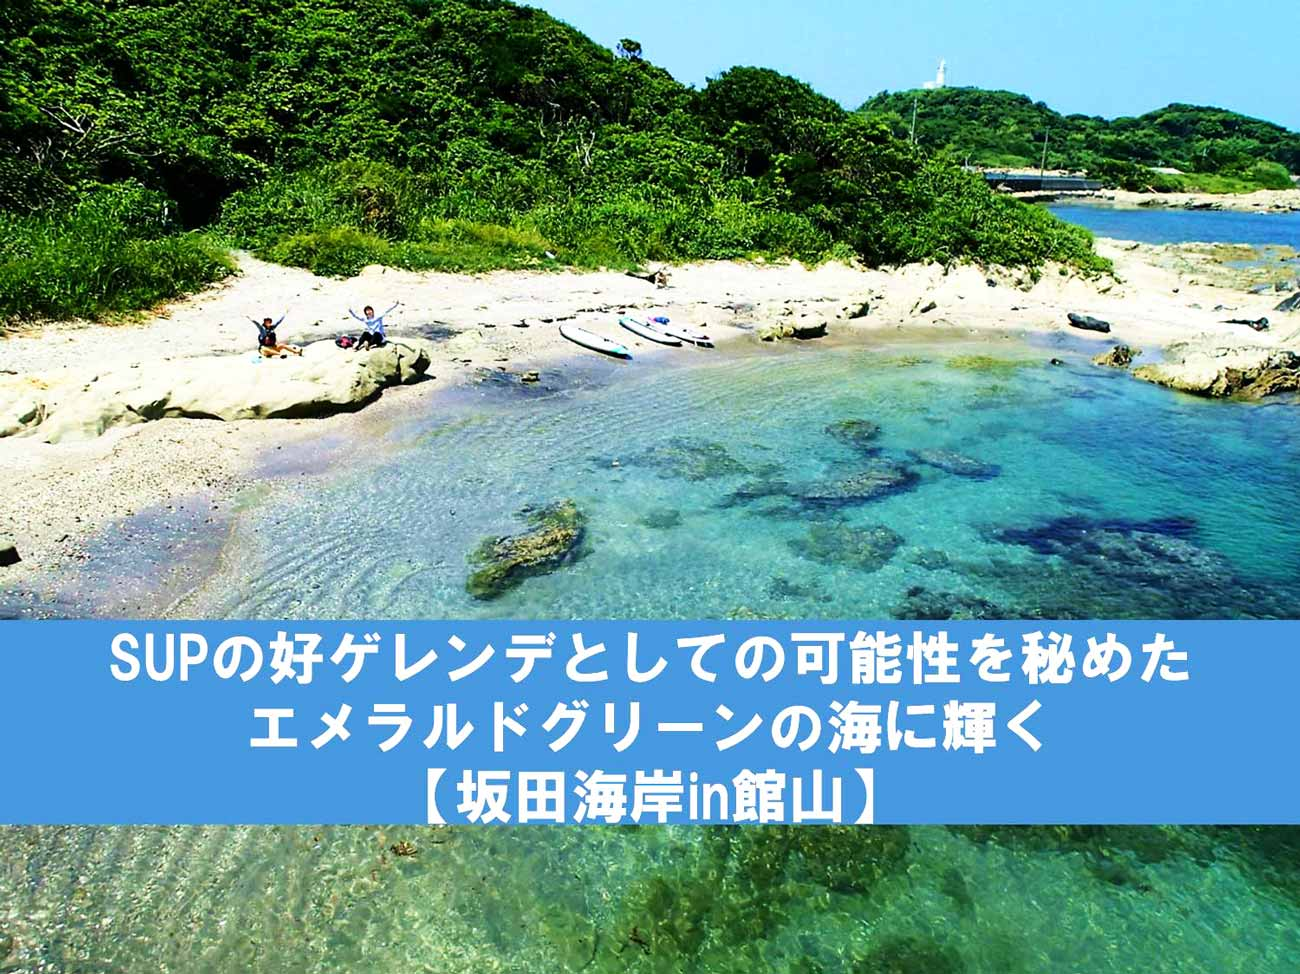 坂田海岸の画像